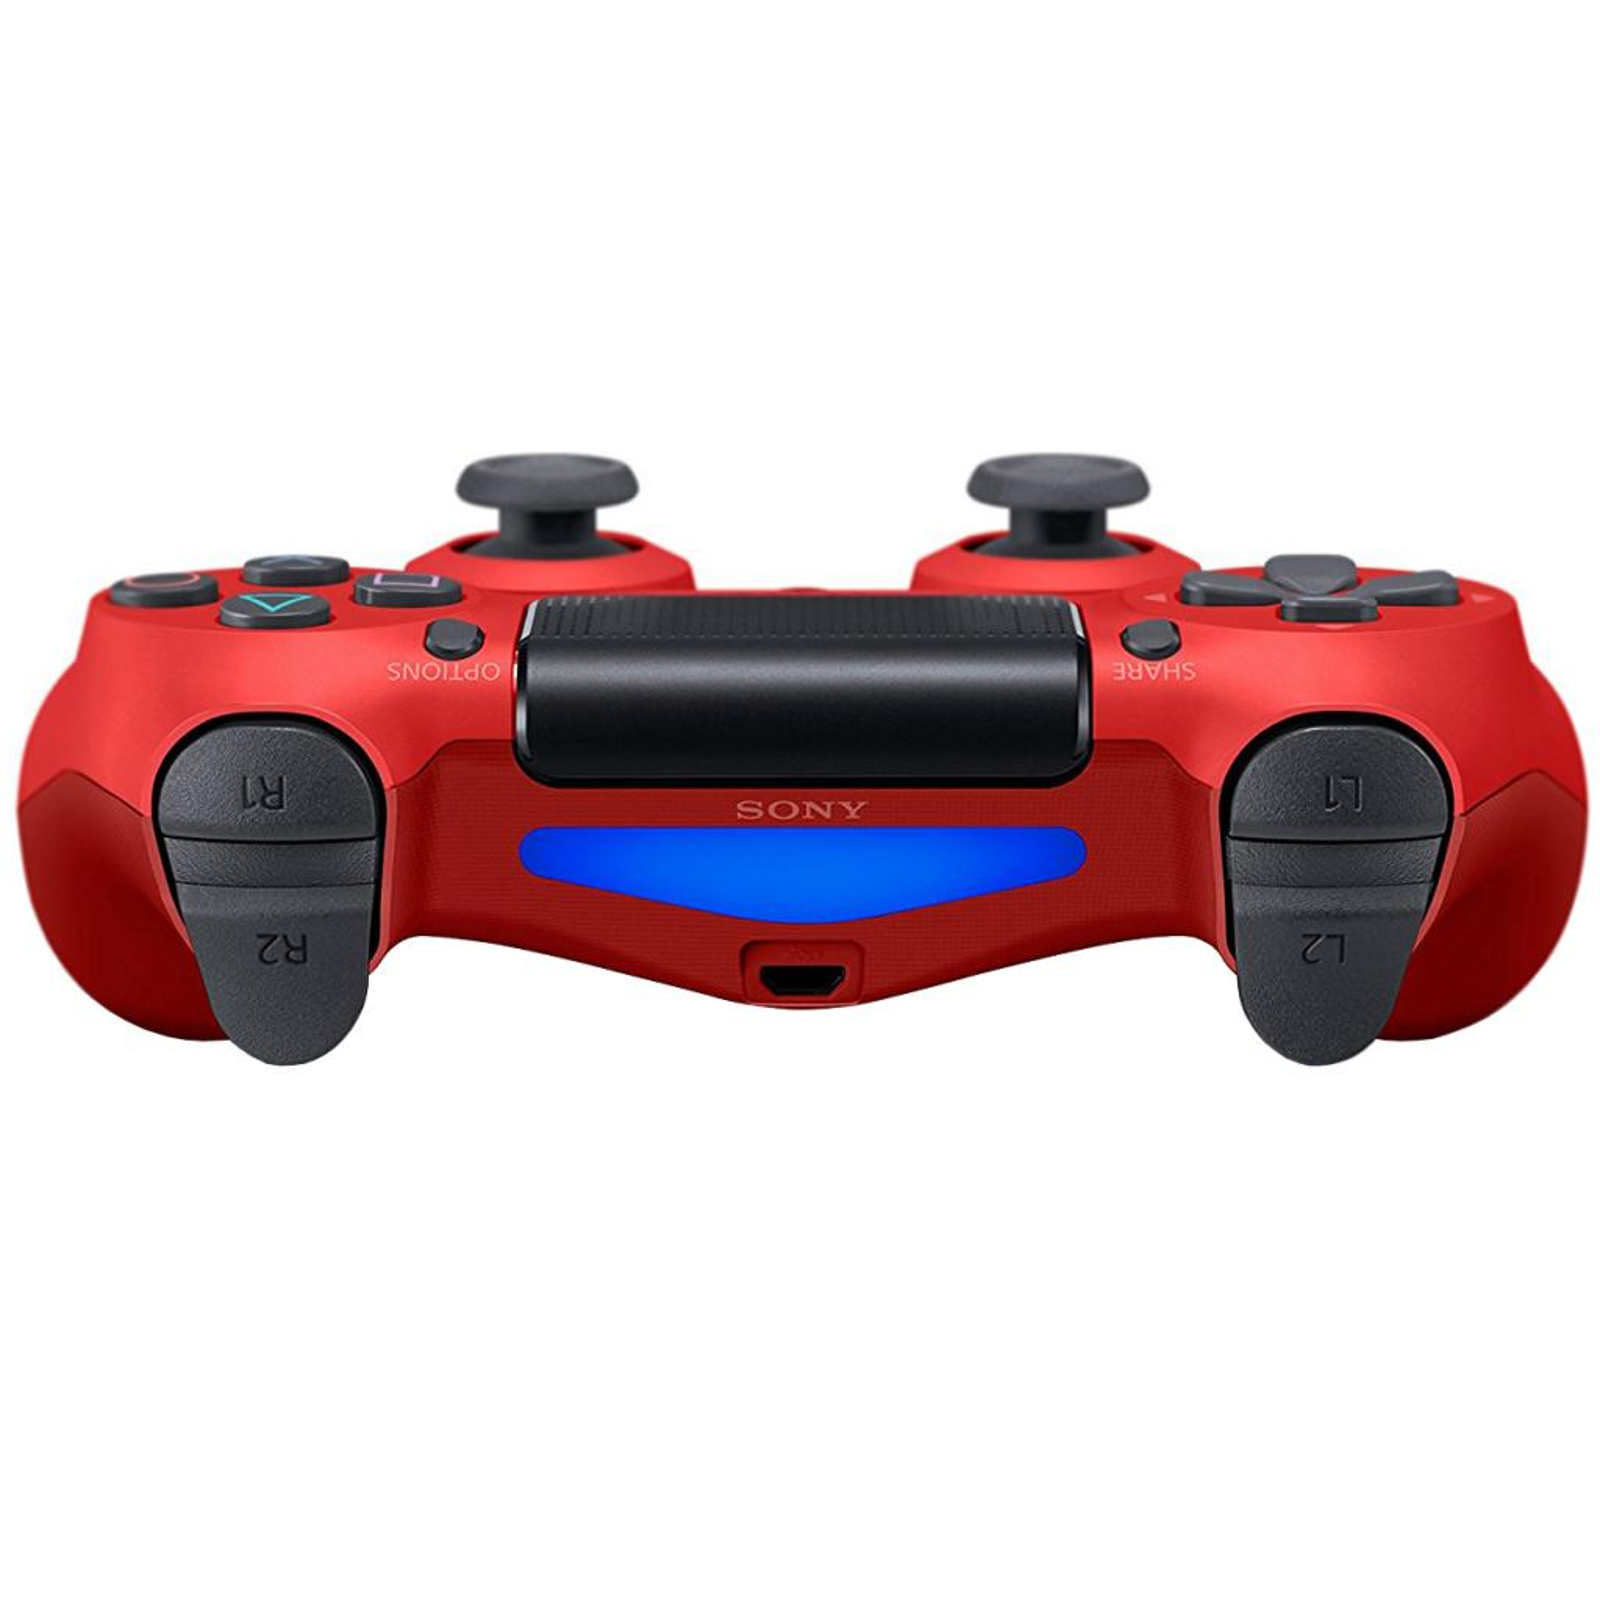 Геймпад Sony PS4 Dualshock 4 V2 Steel Black изображение 3